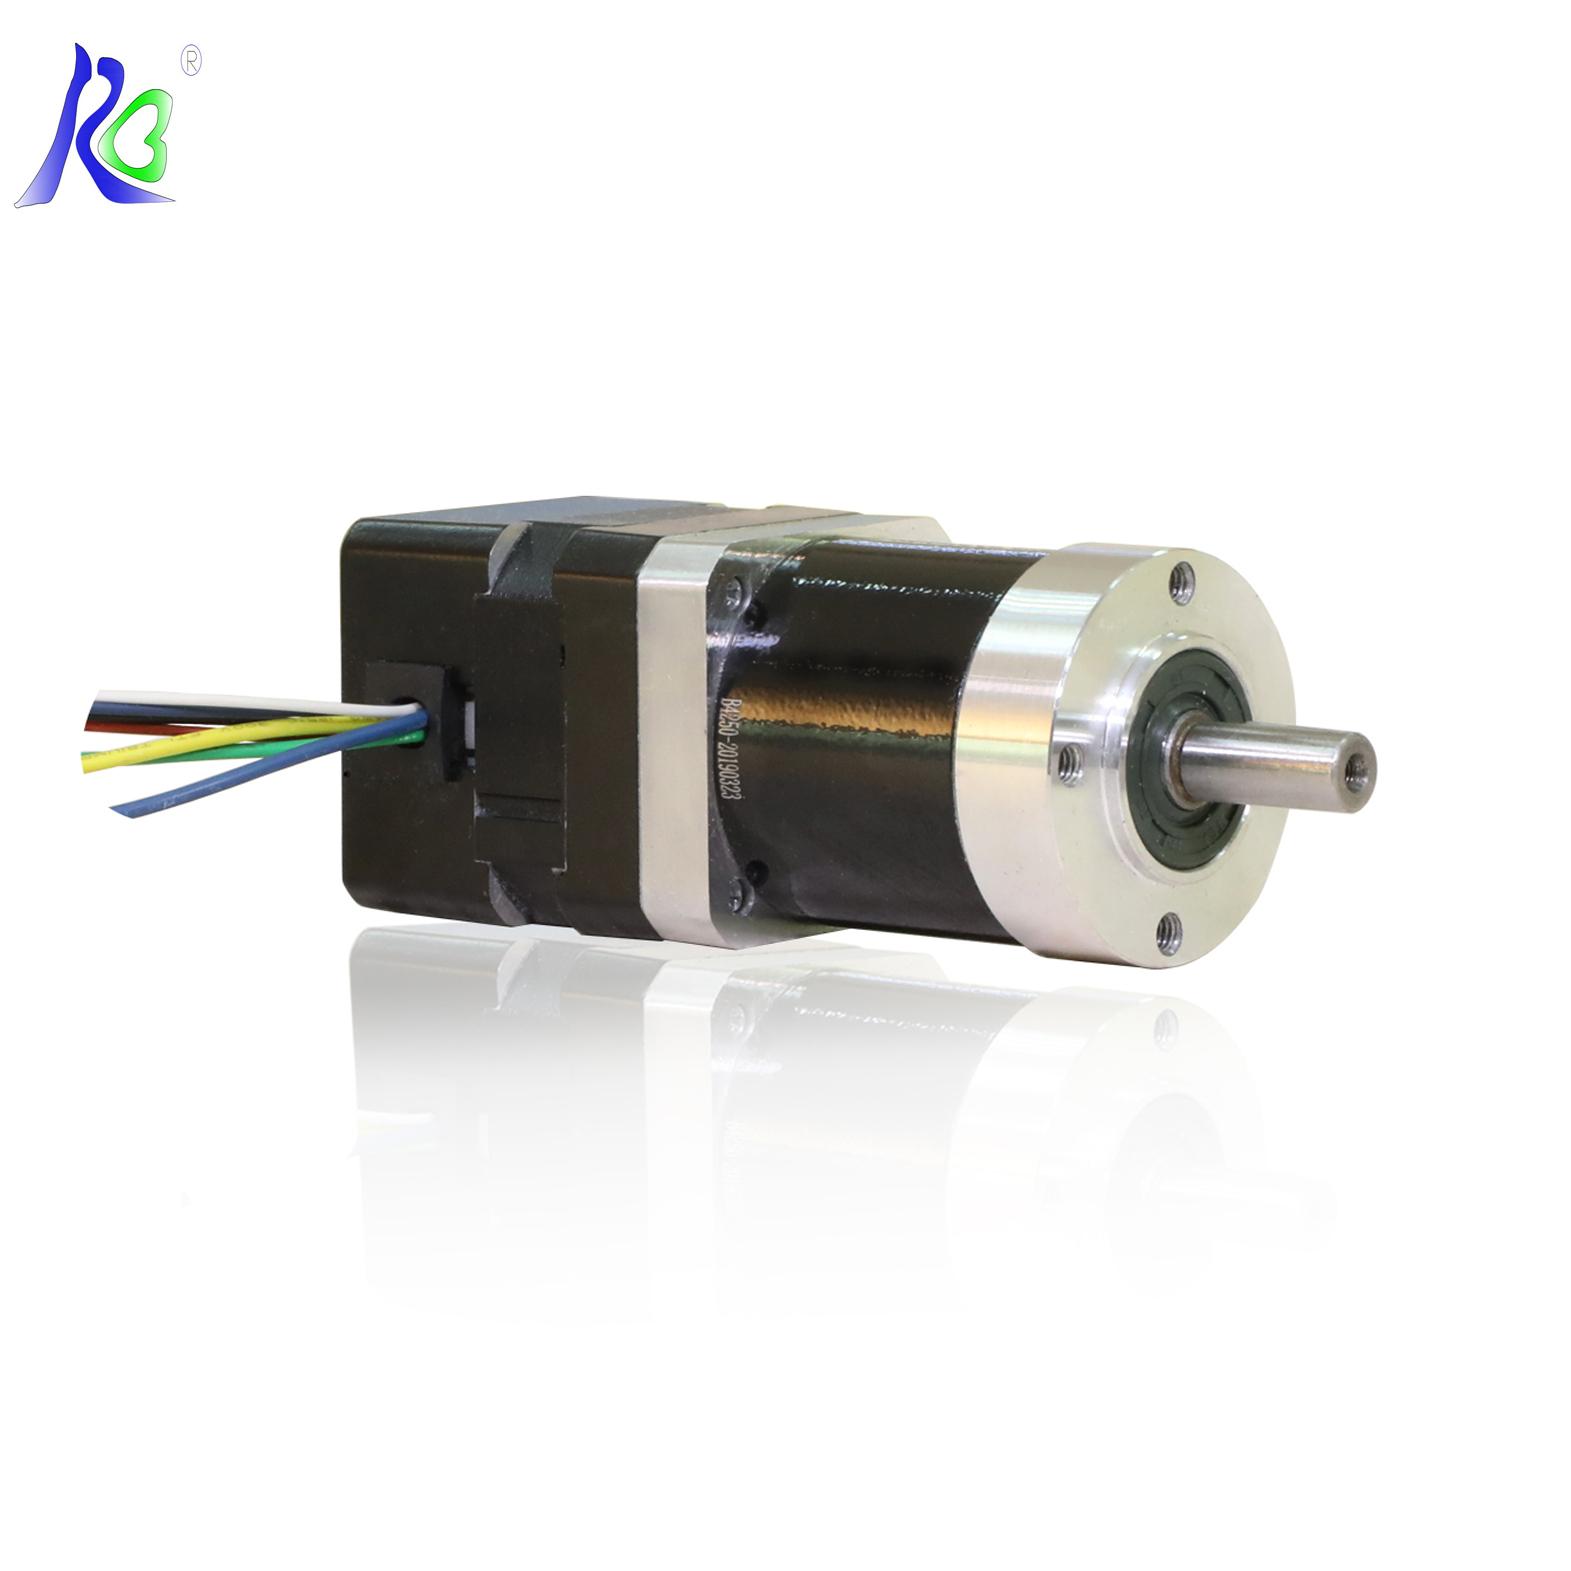 42 BLDC Geared Motor